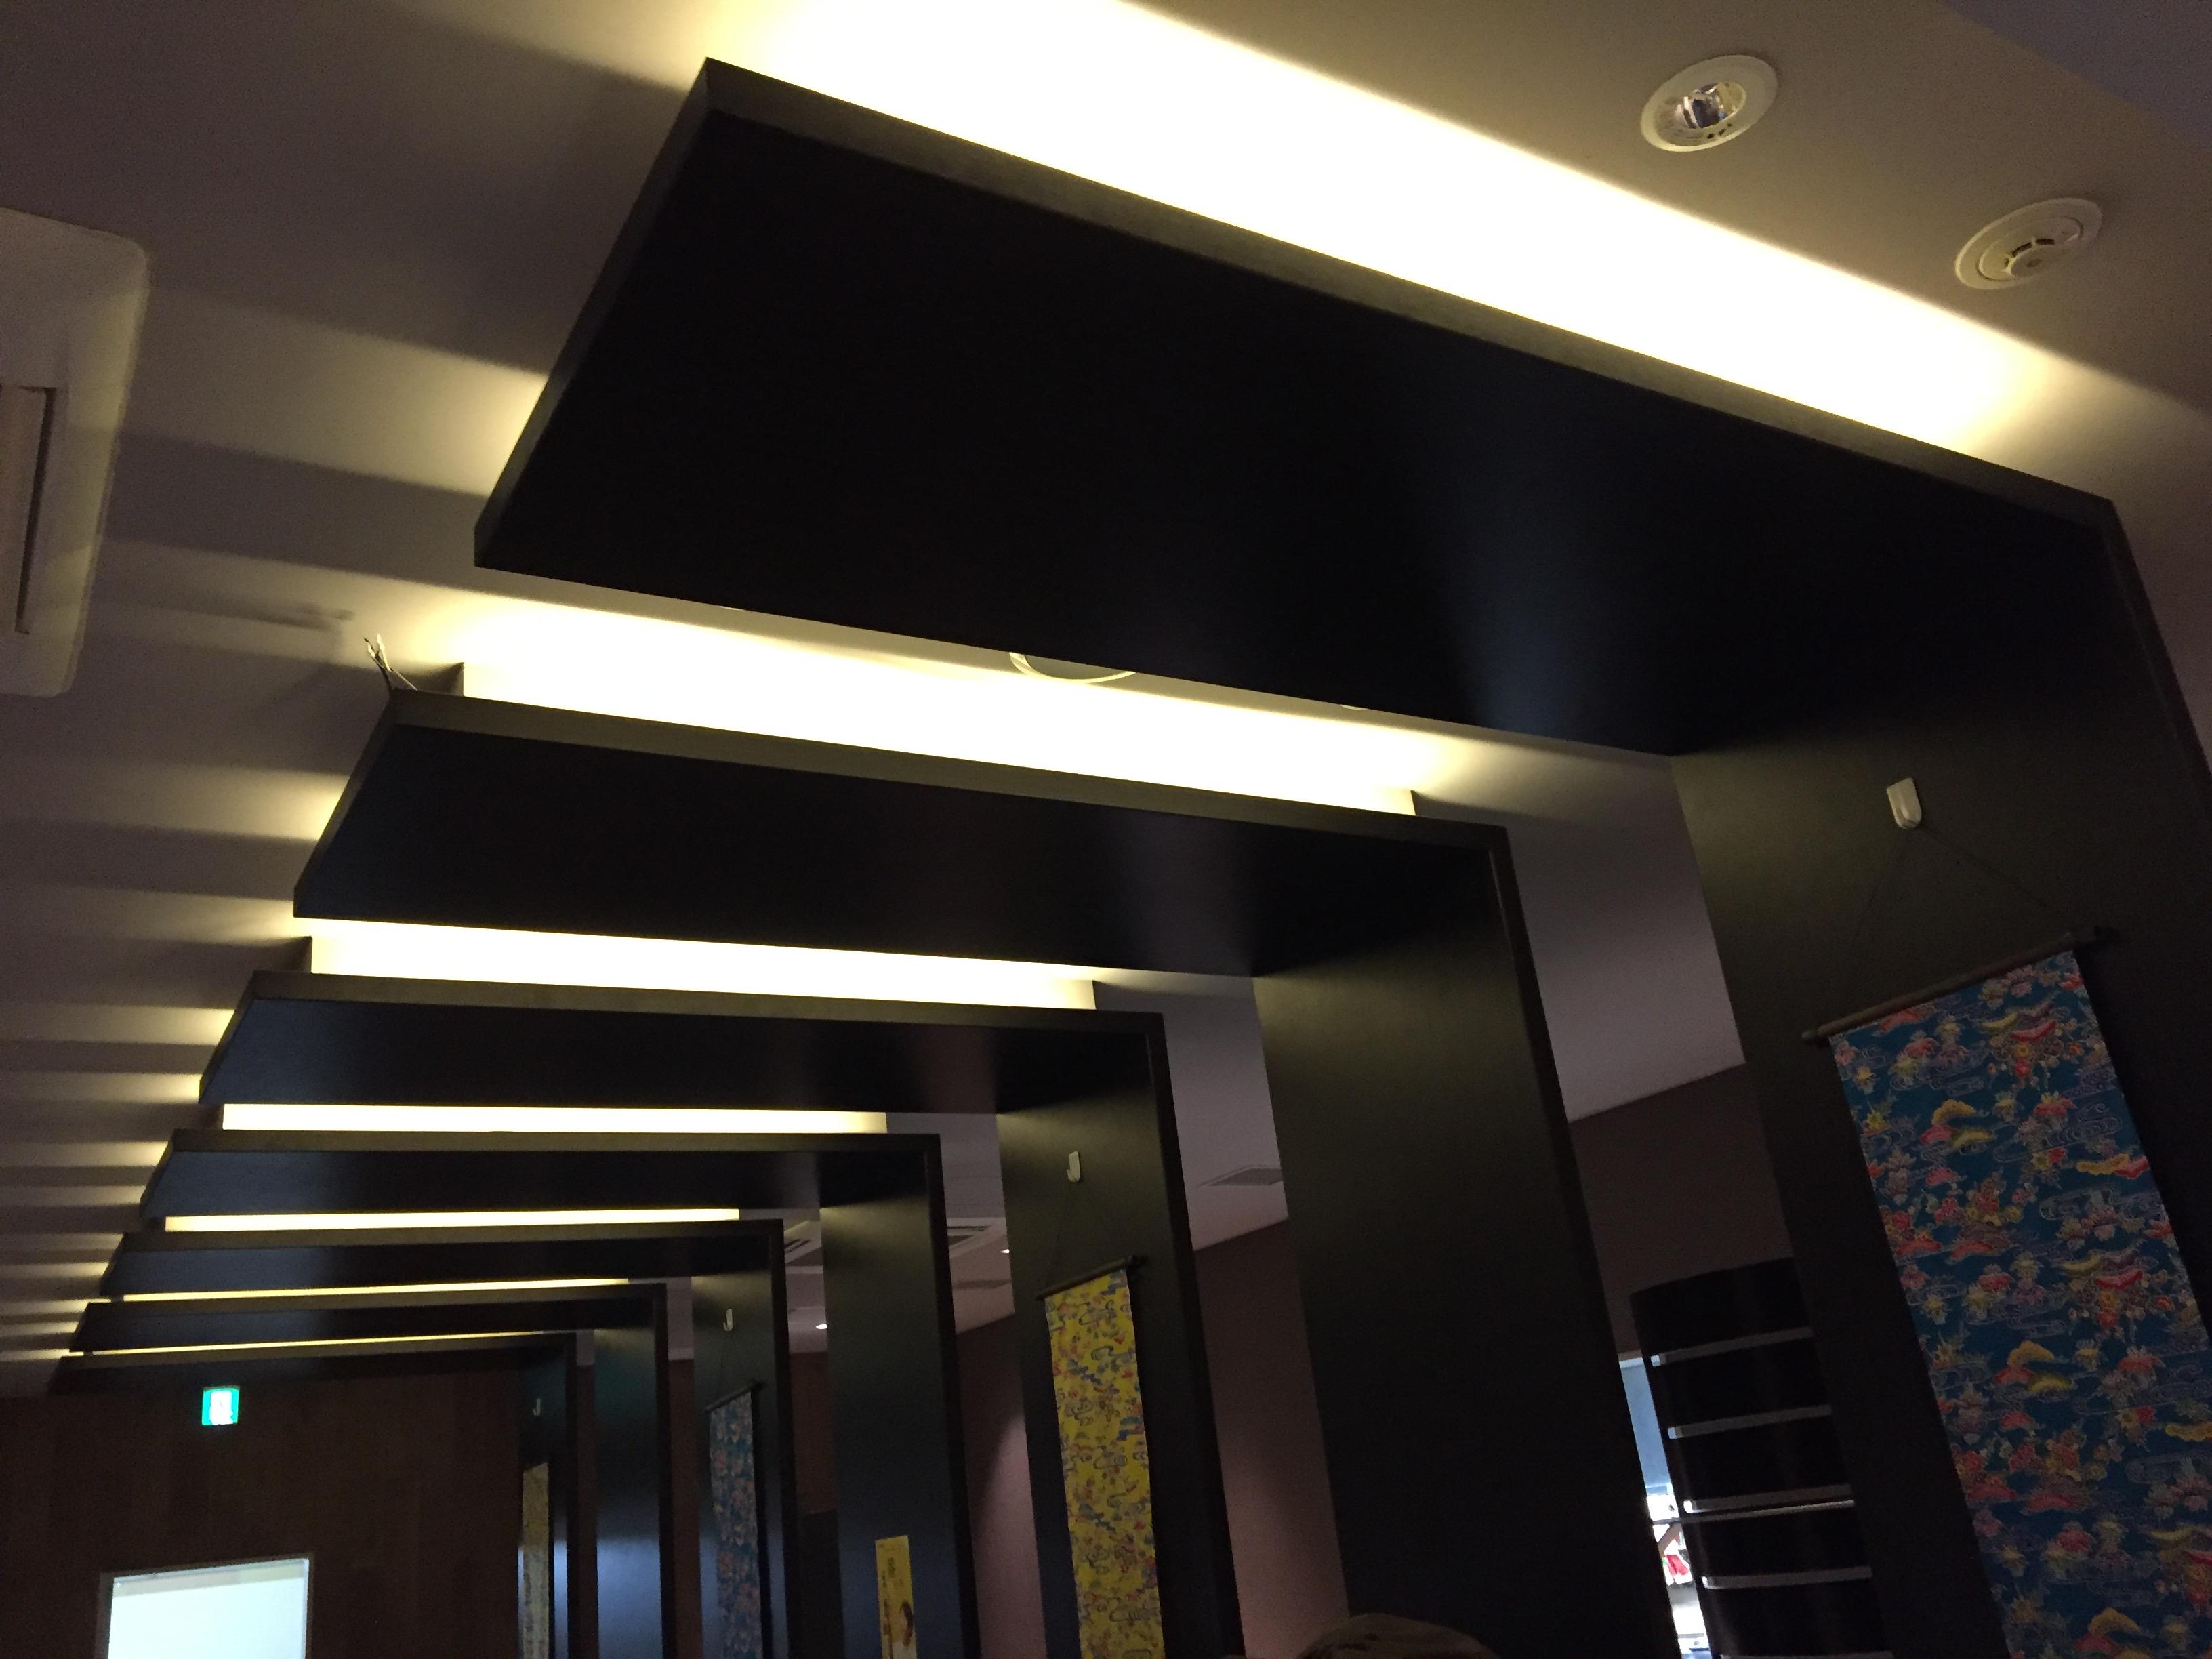 おすすめ 間接照明,温浴施設, スパ 照明,防水テープライト